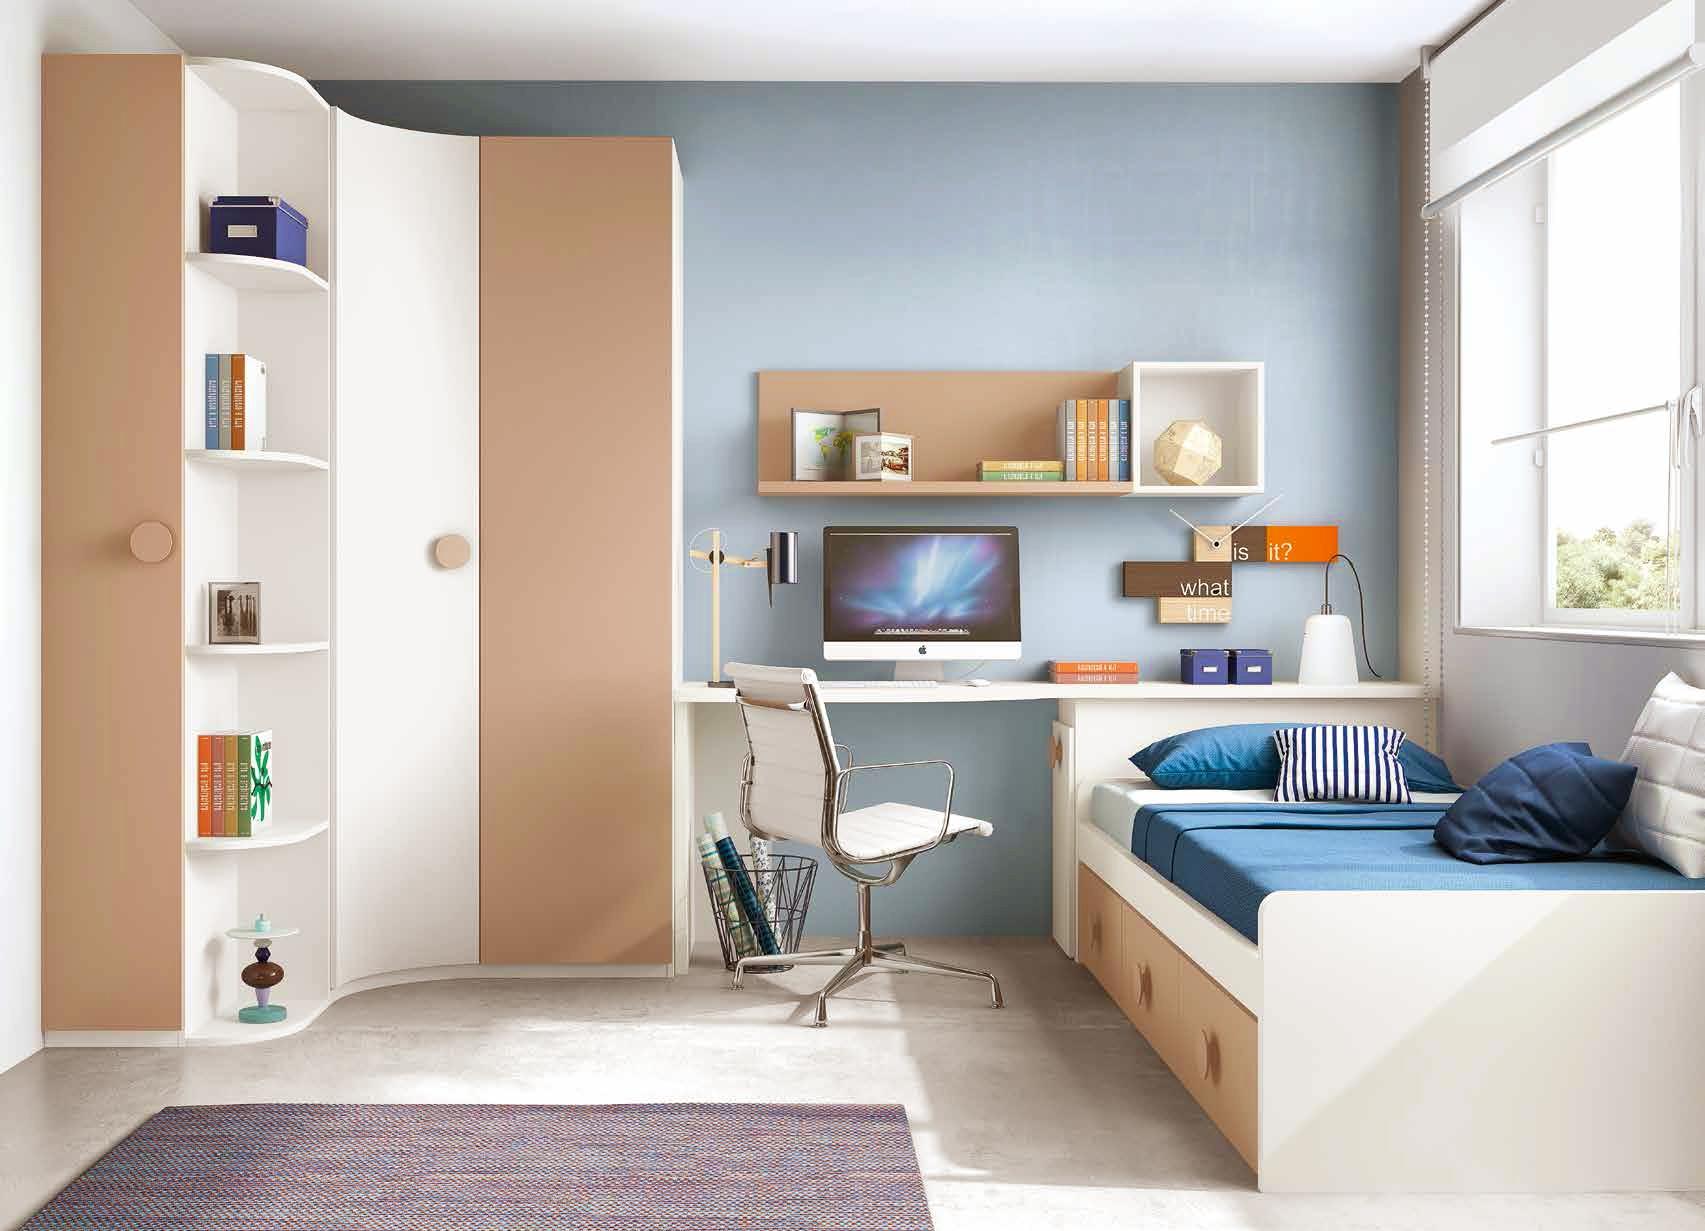 chambre enfant originale avec une armoire d 39 angle. Black Bedroom Furniture Sets. Home Design Ideas